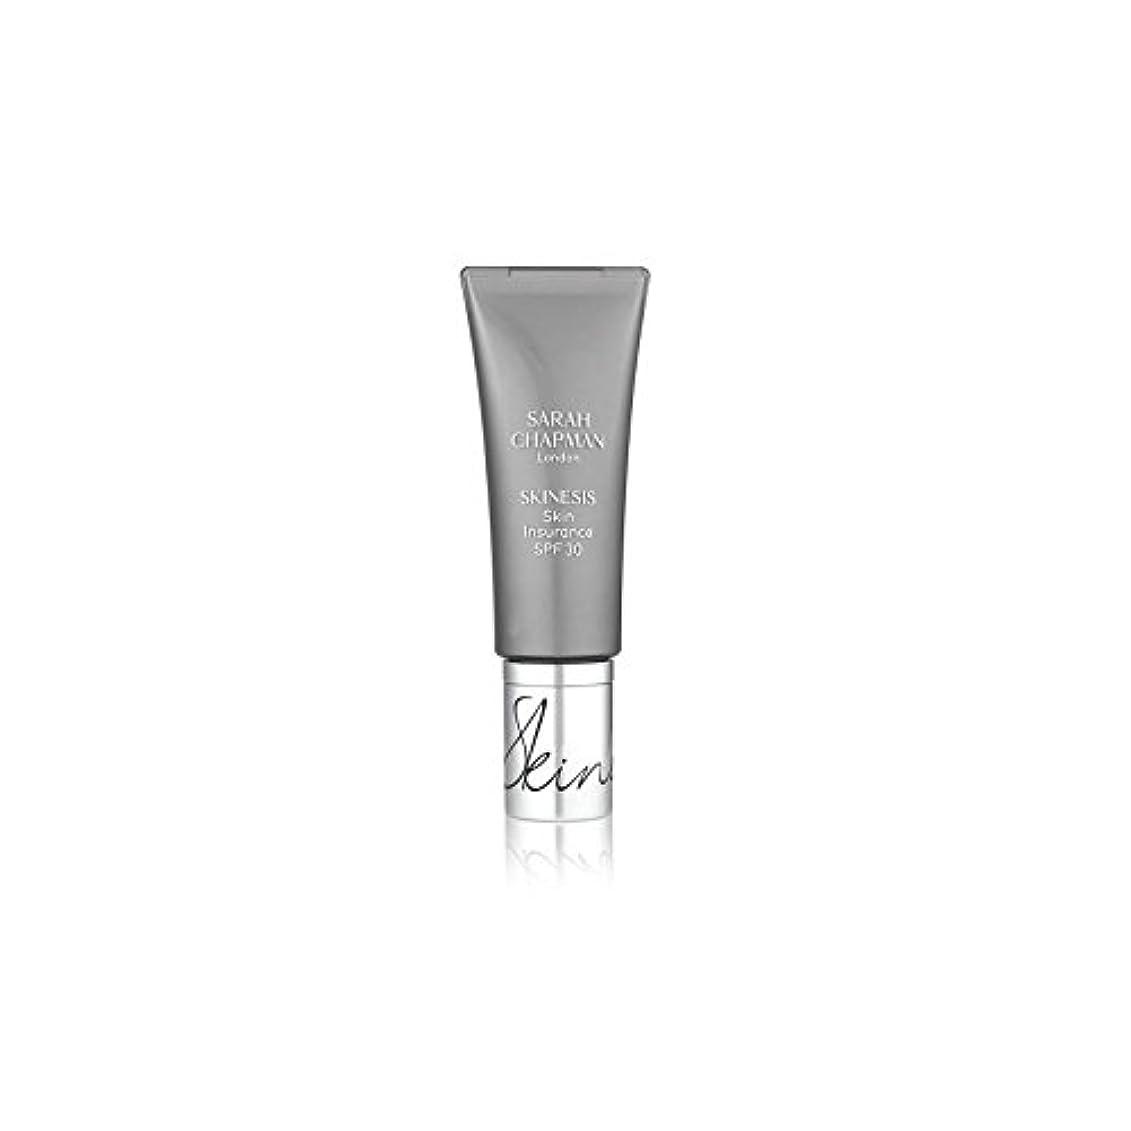 市民観客公平なSarah Chapman Skinesis Skin Insurance Spf 30 (30ml) (Pack of 6) - サラ?チャップマン皮膚保険 30(30ミリリットル) x6 [並行輸入品]